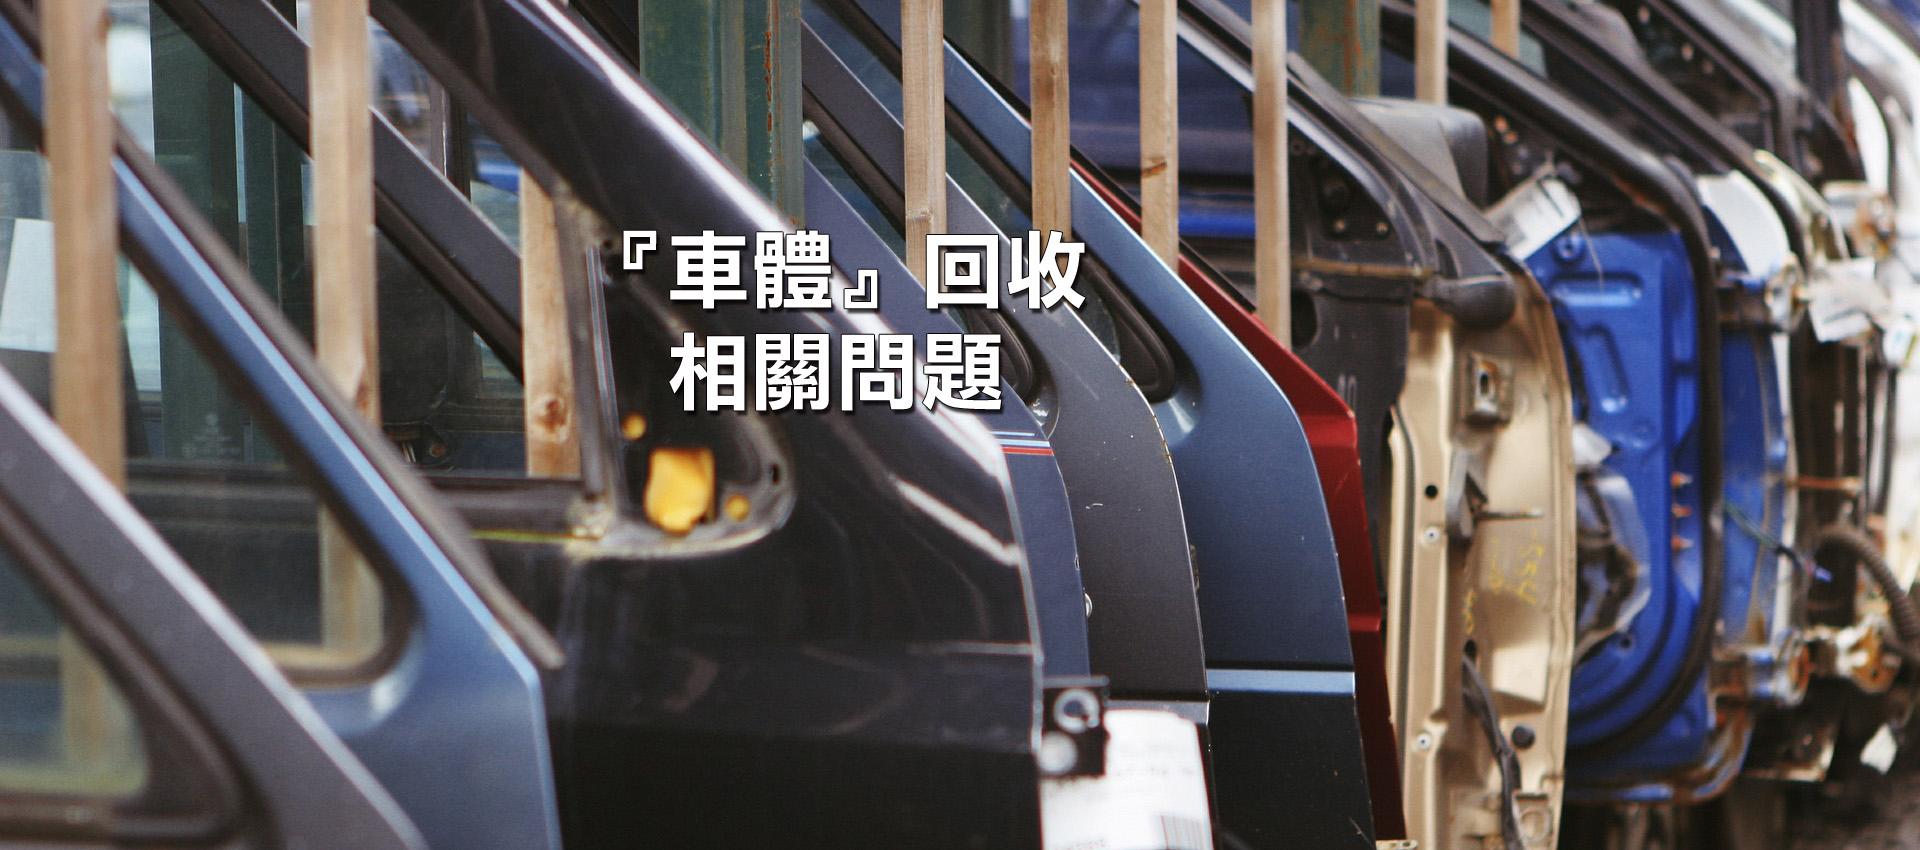 報廢車車體回收